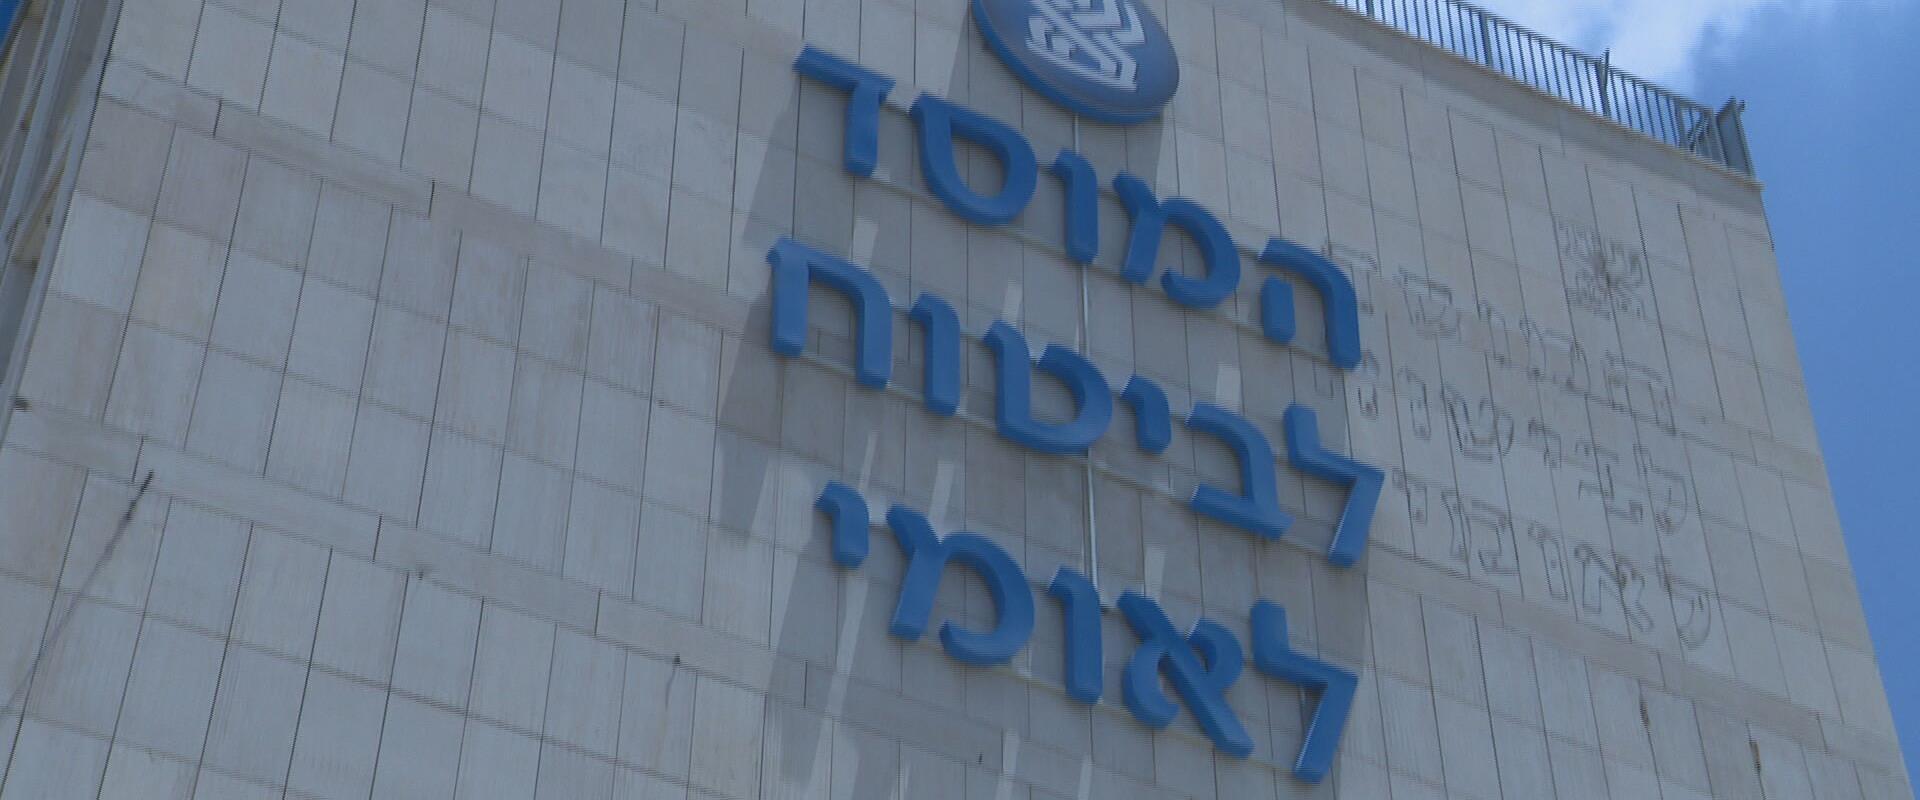 המוסד לביטוח לאומי, ארכיון